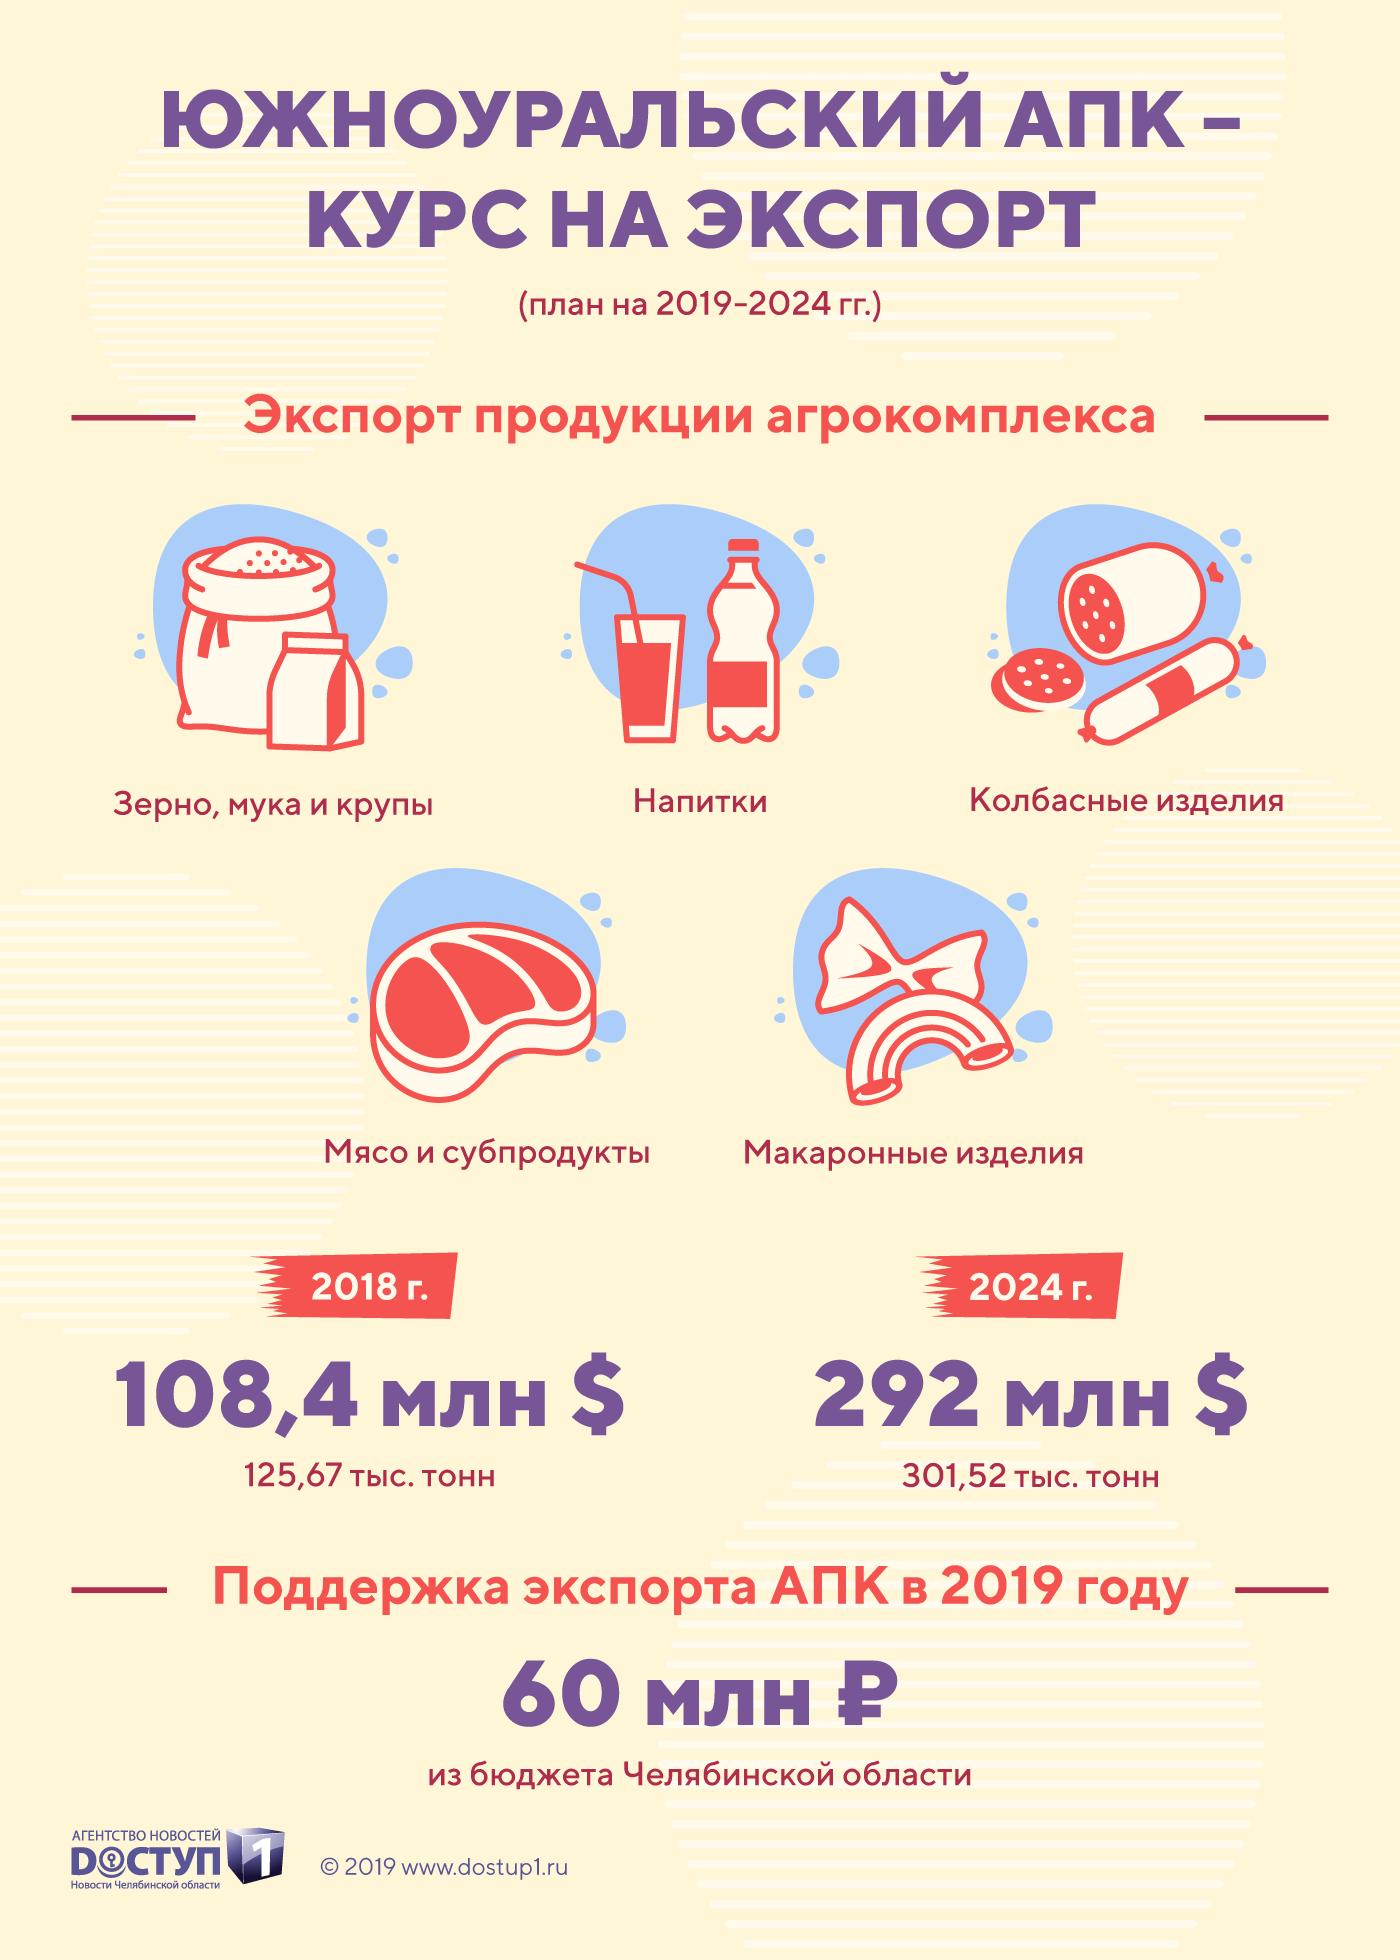 Челябинская области планирует в 2,5 раза увеличить экспорт продукции АПК к 2024 году